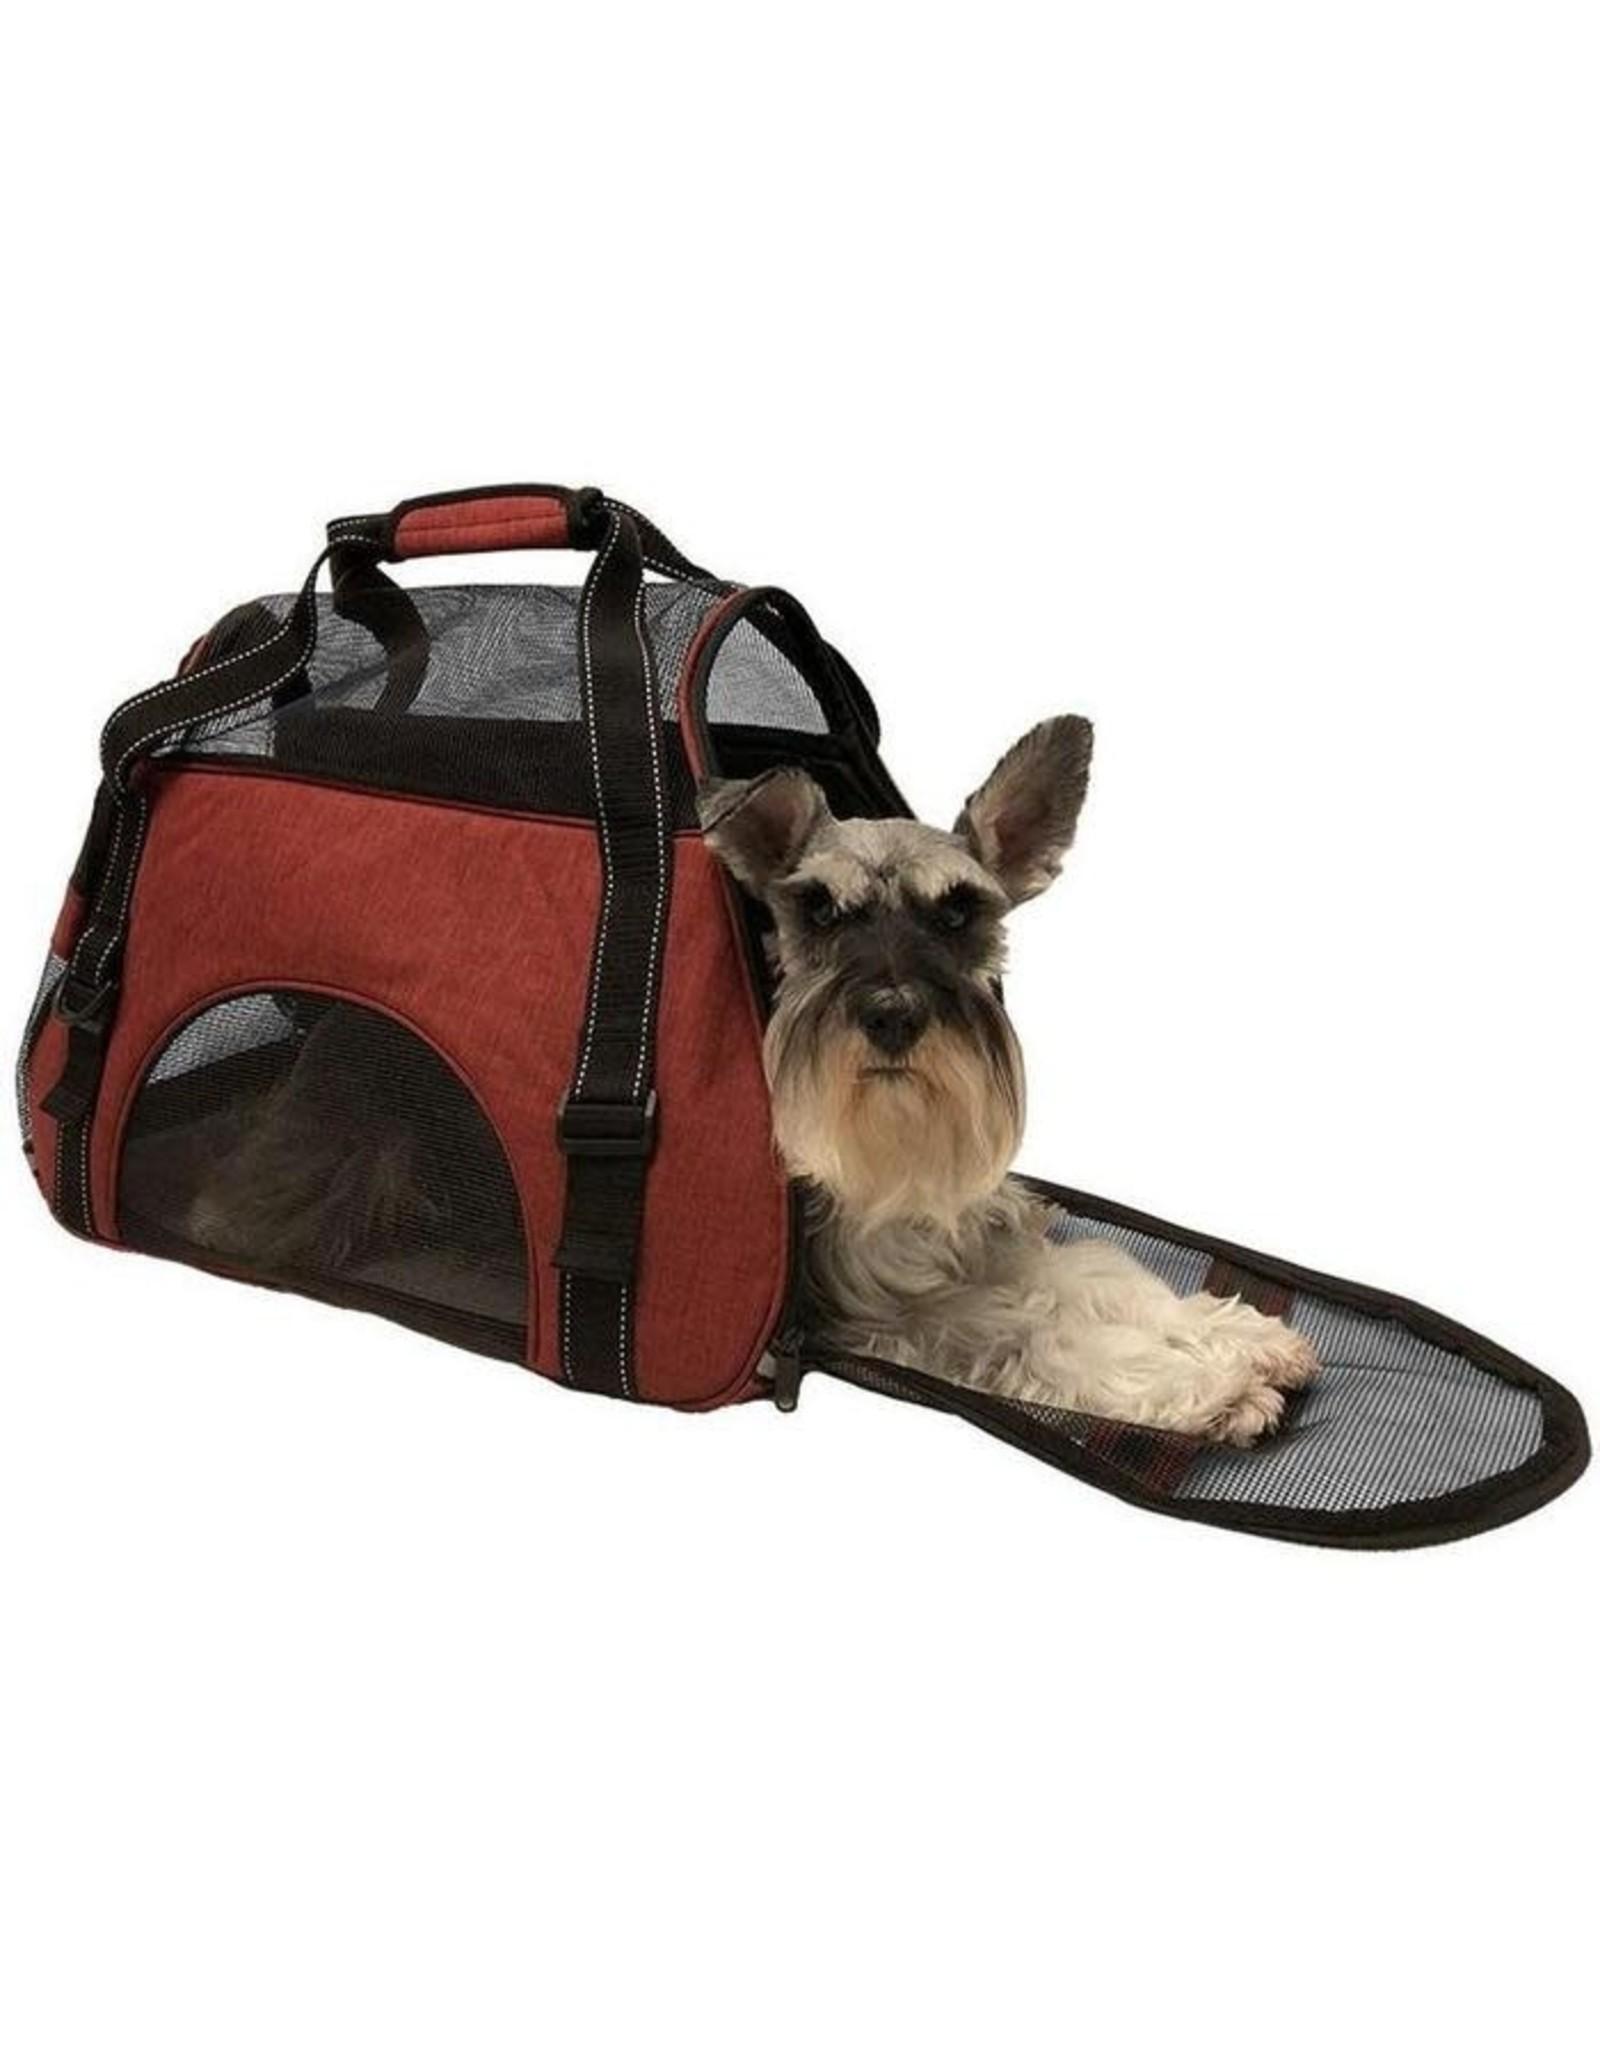 """Dogline Dogline Dog Carrier M red - H14""""xW10""""xL22"""""""